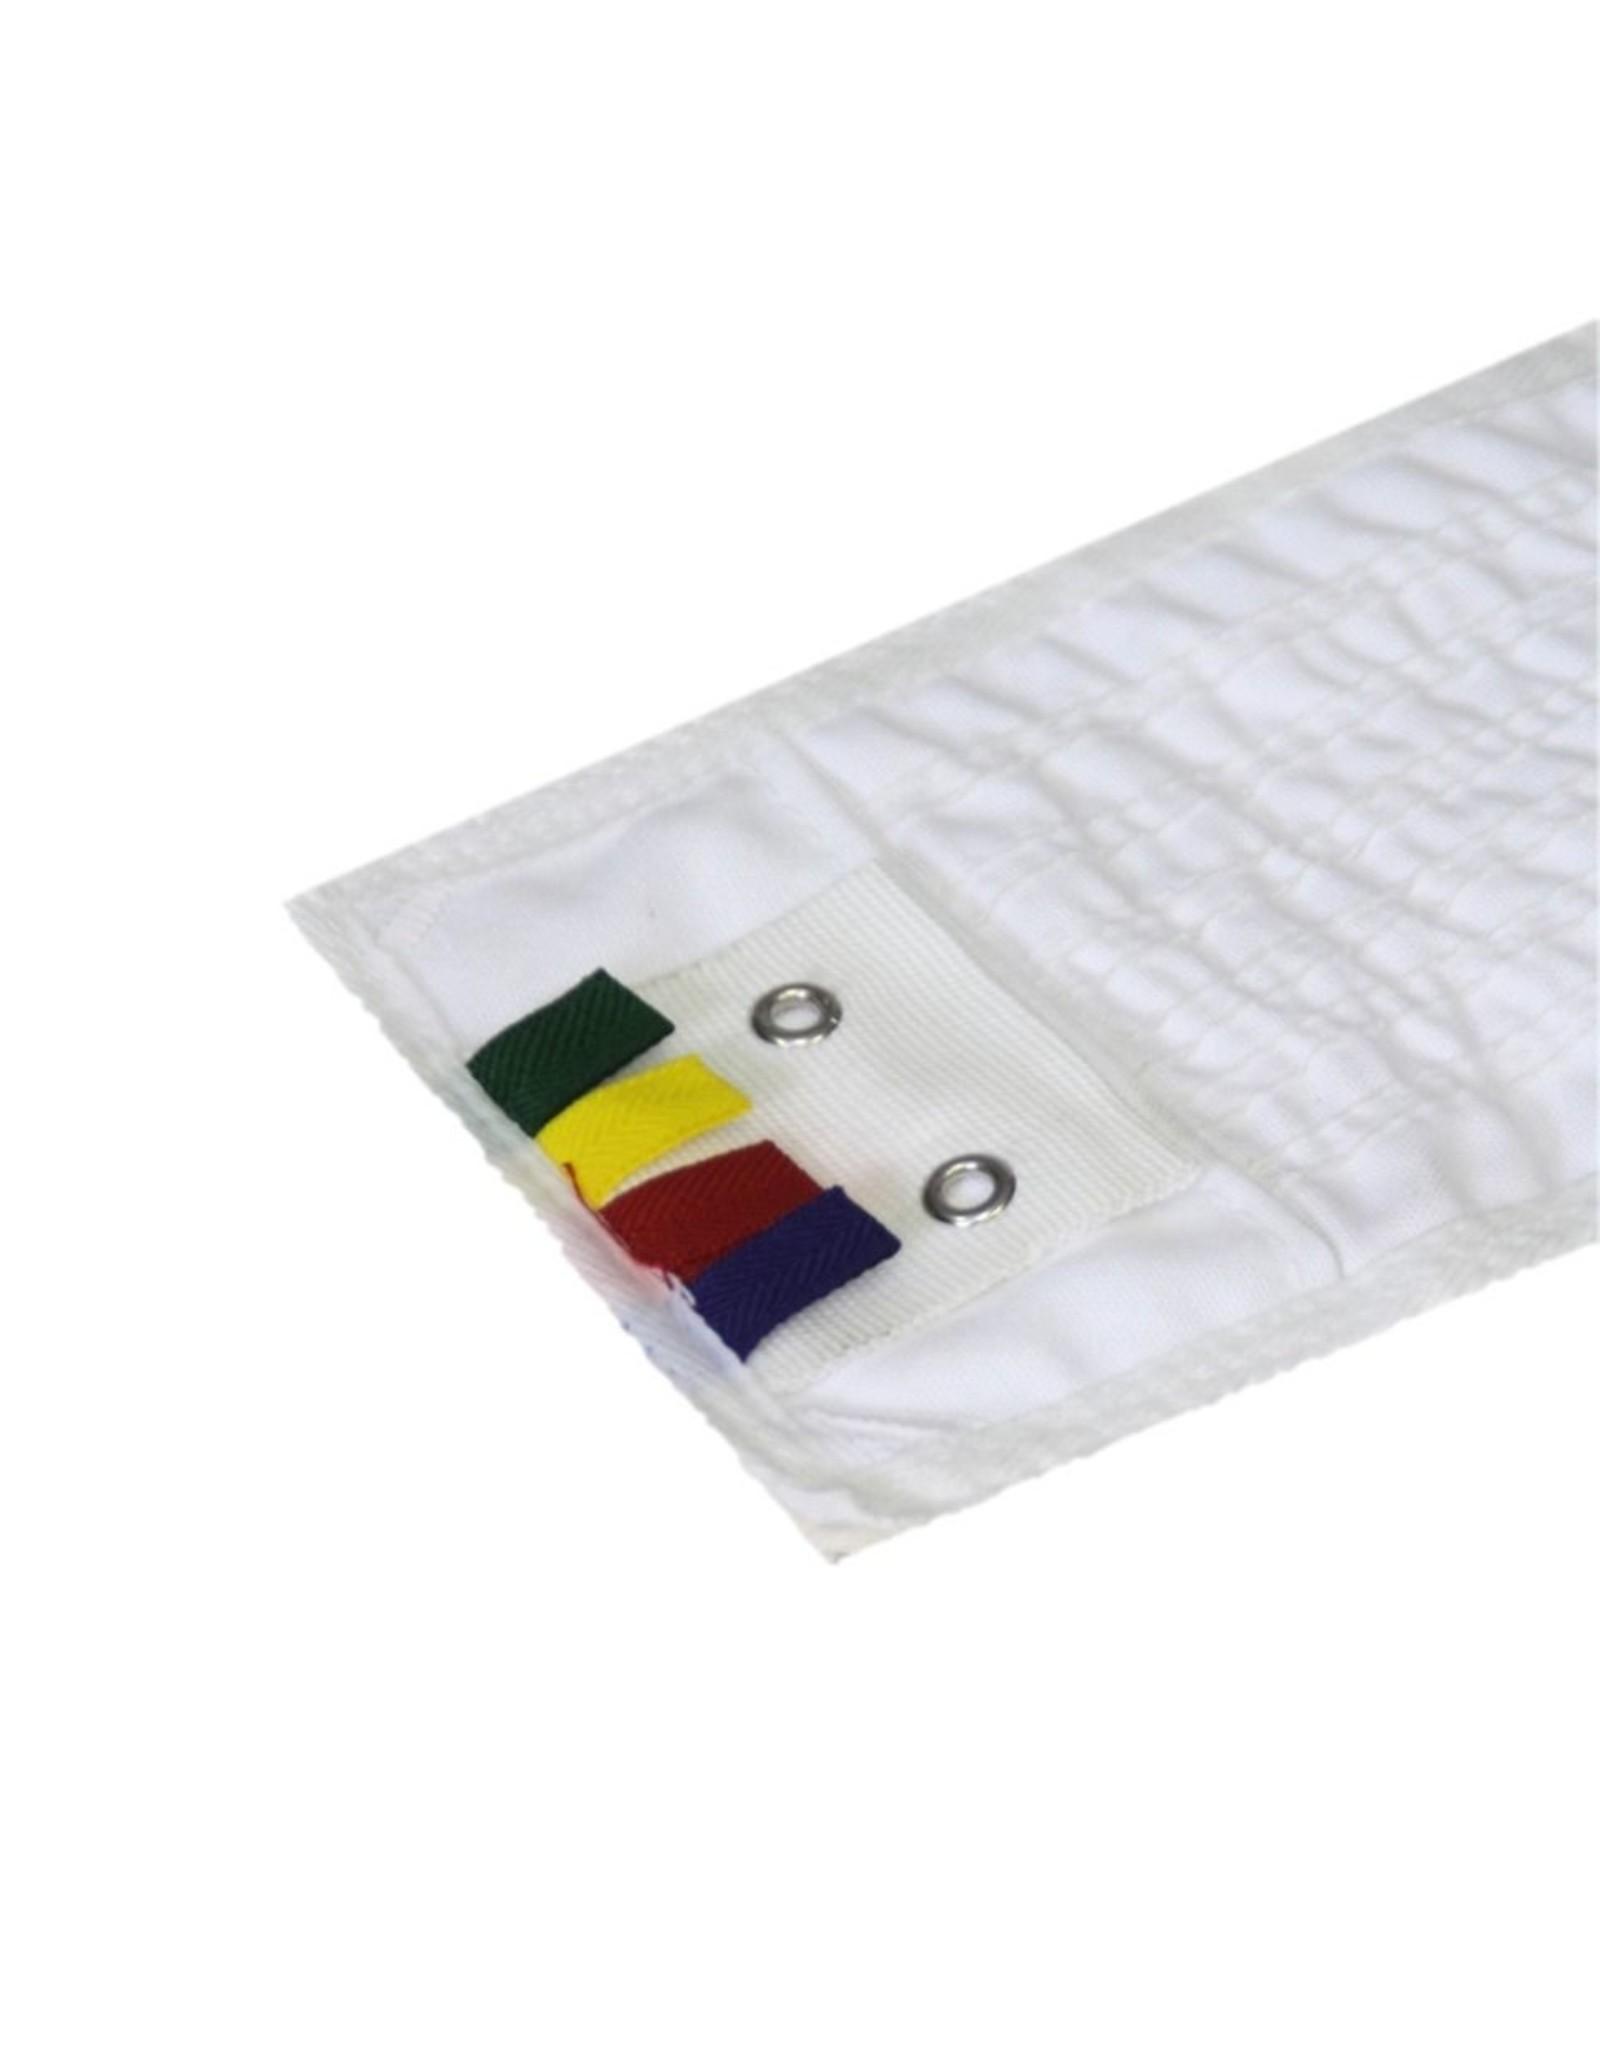 HYGYEN HYGYEN Cotton vlakmop, pockets/wings 2 rings, voor houder 40cm